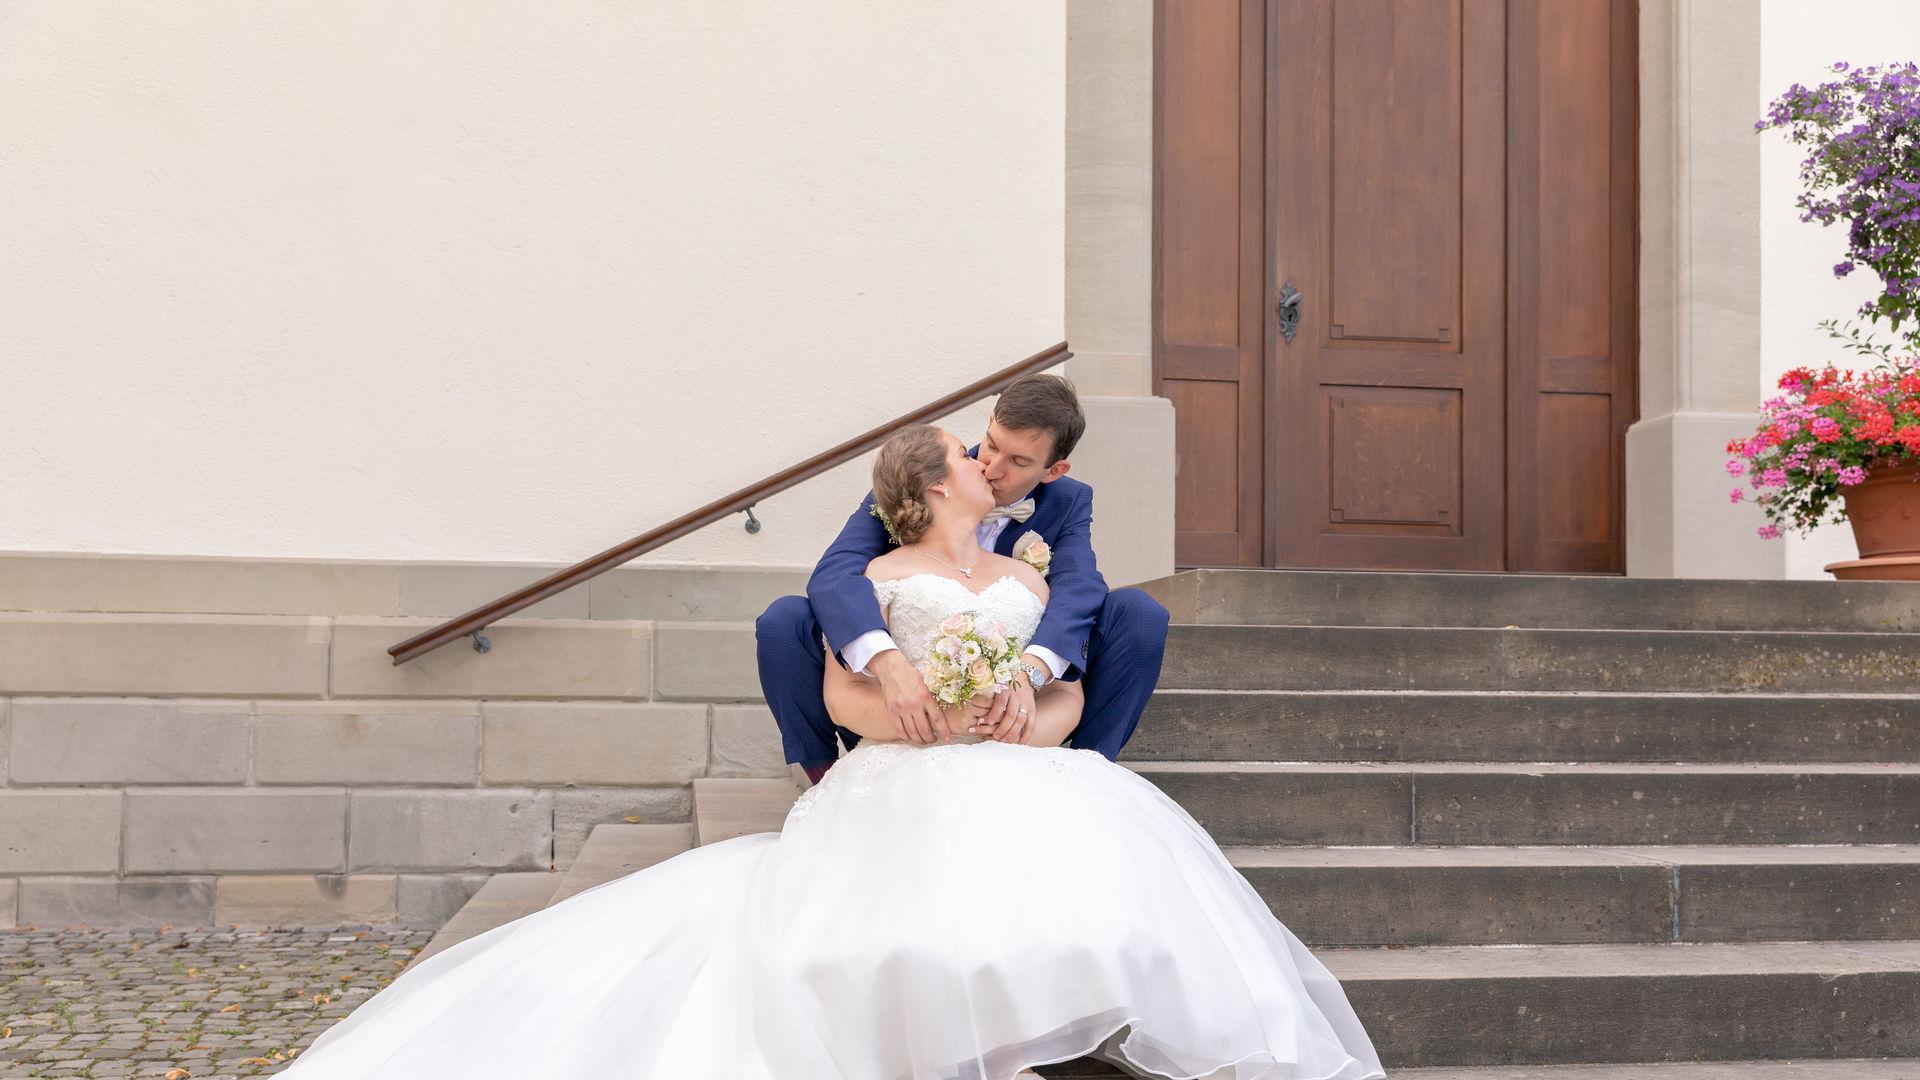 Hochzeit Hochzeitsfotograf IsaBelle Fotografie Wedding Weddingtime